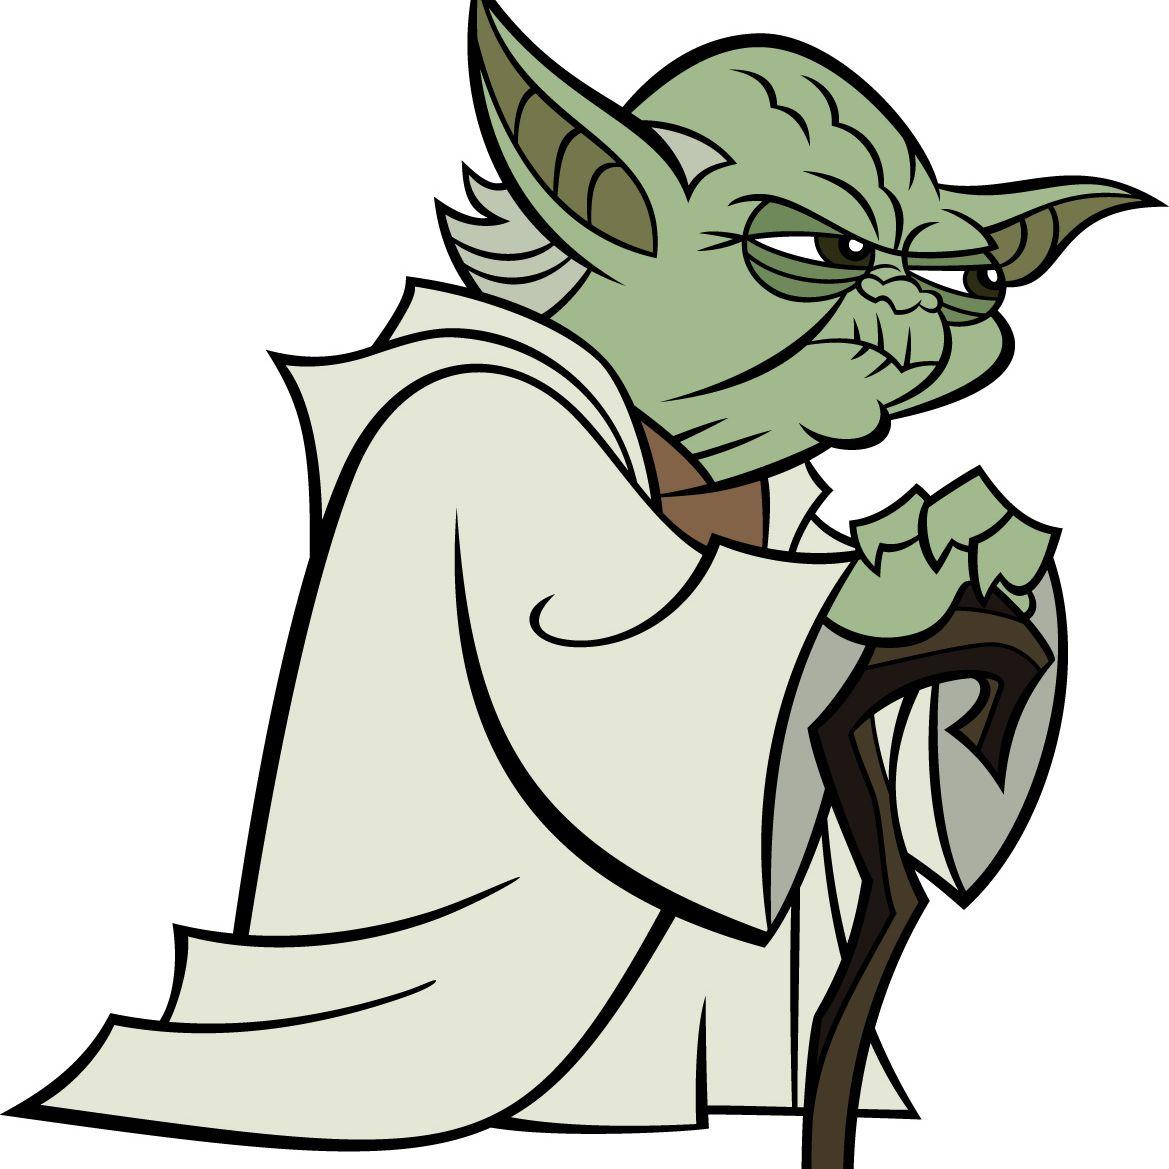 'Clone Wars' Yoda